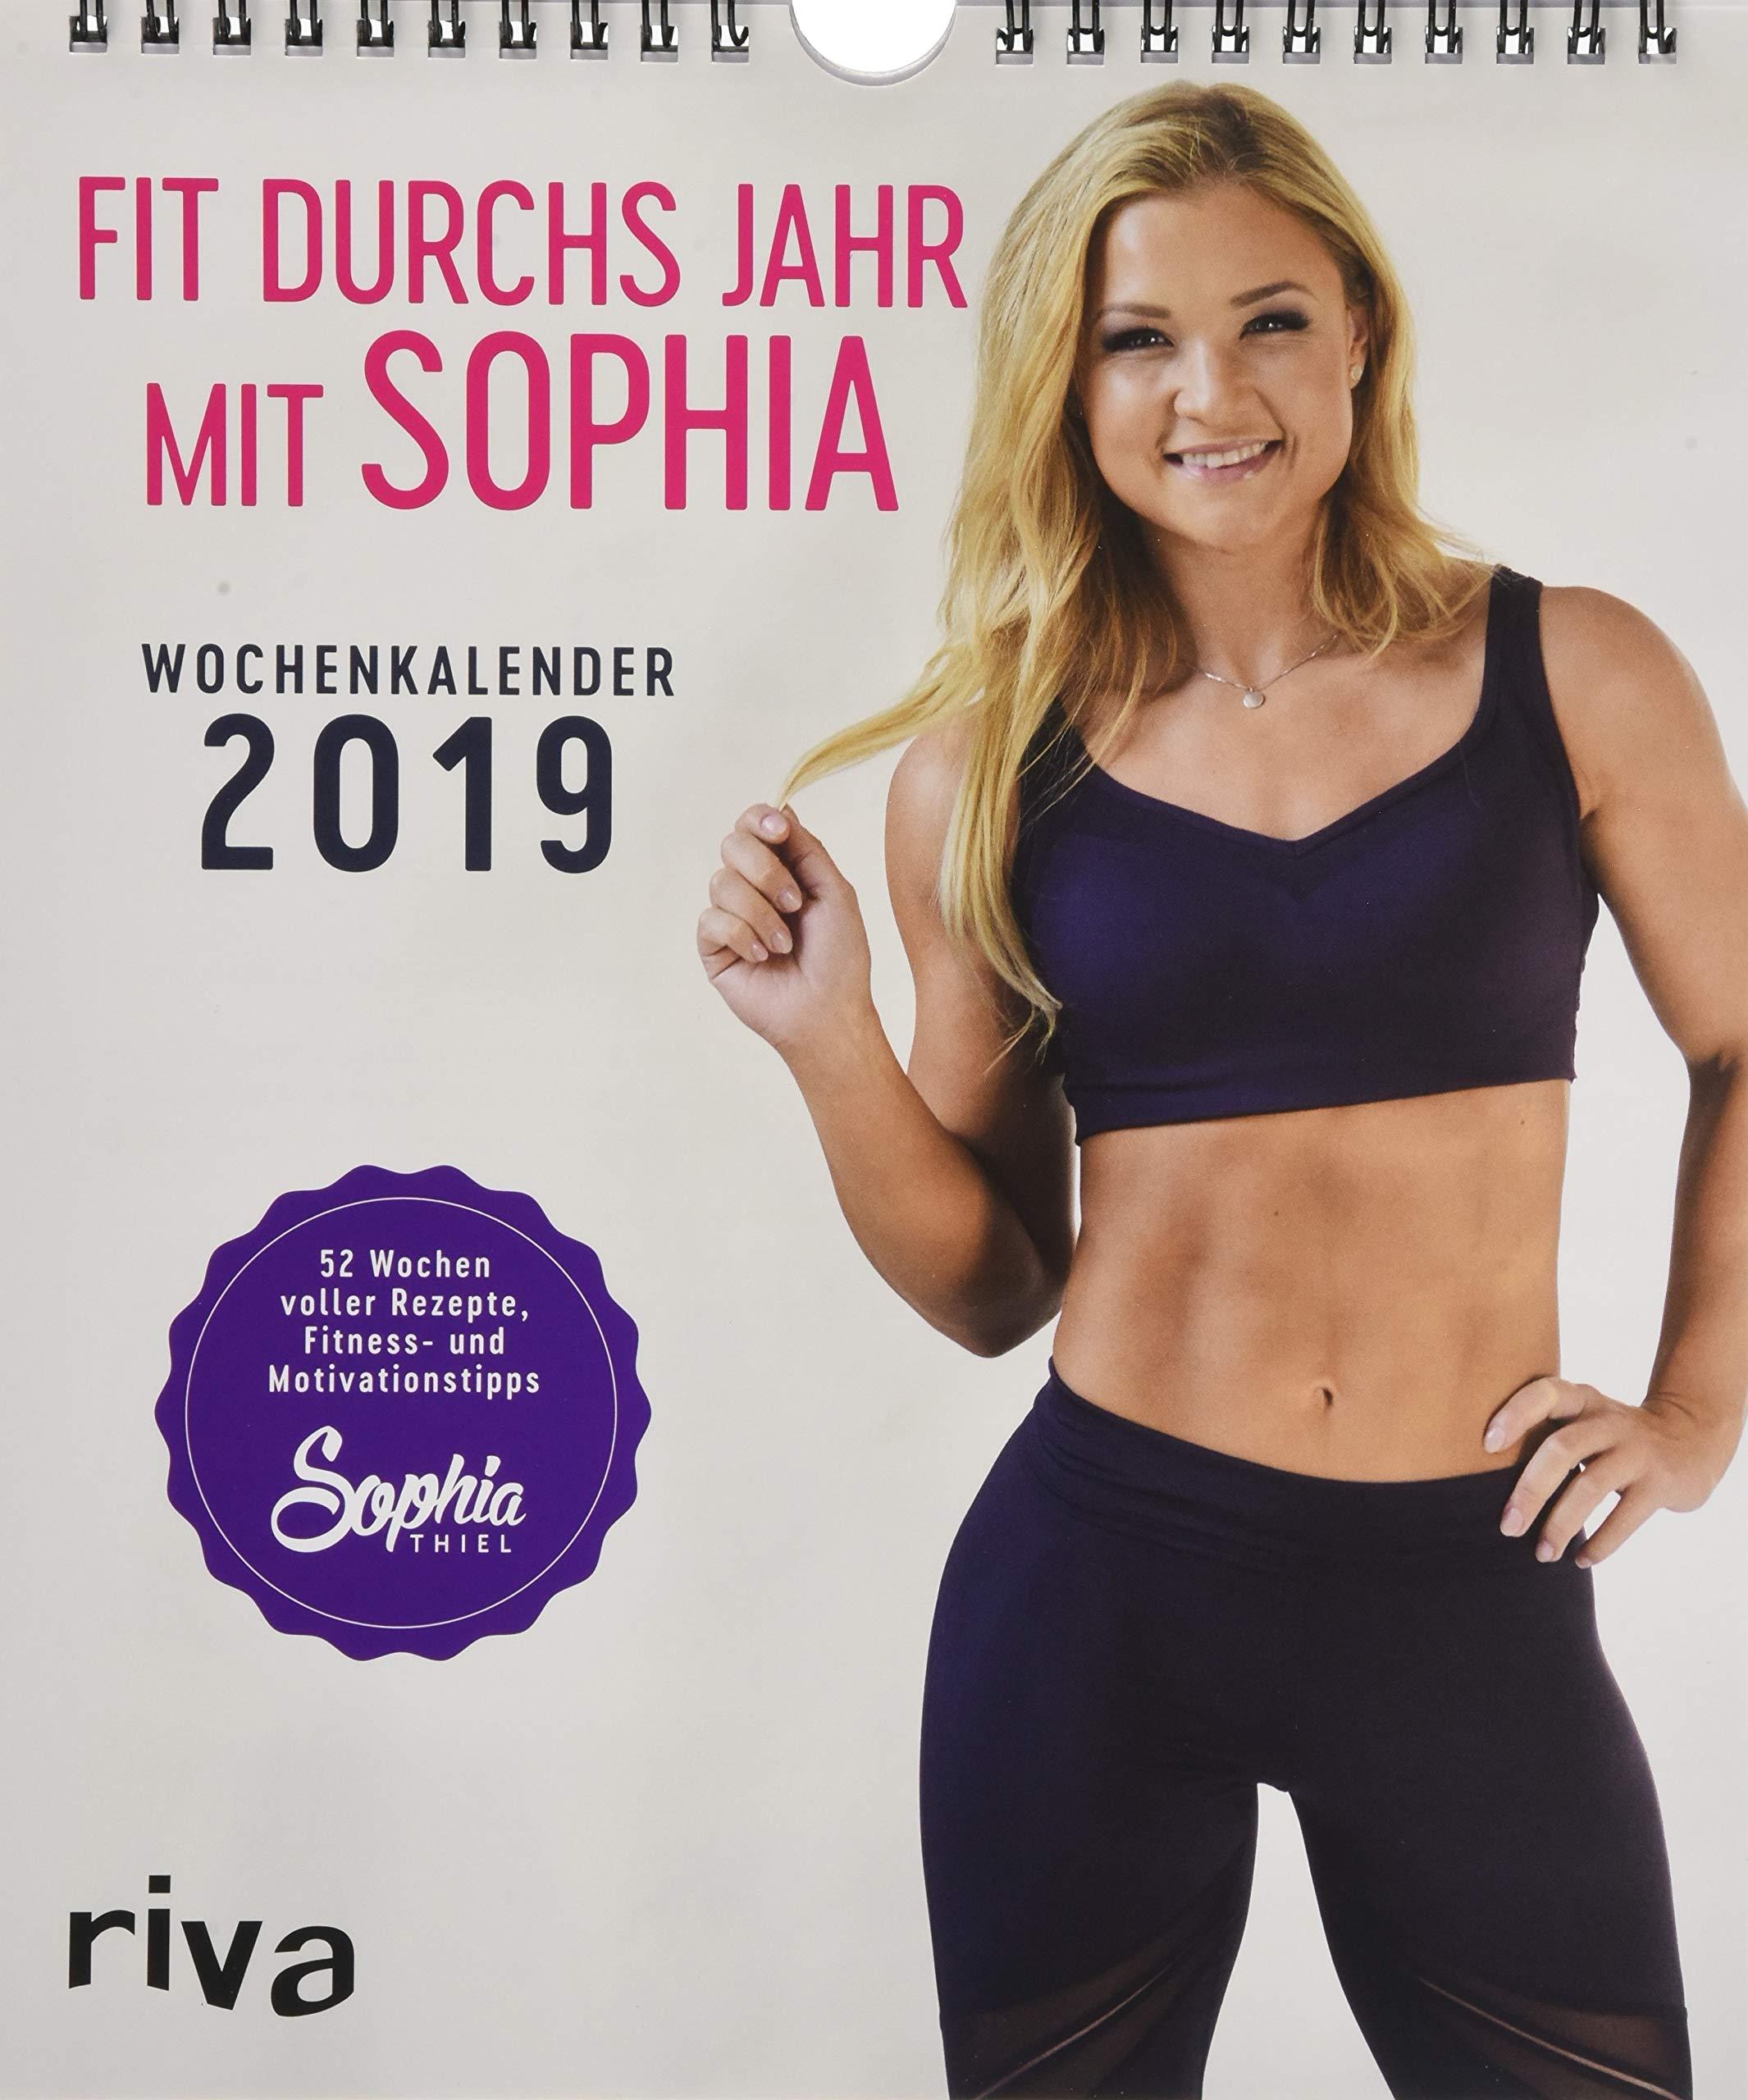 Fit durchs Jahr mit Sophia: Wochenkalender 2019